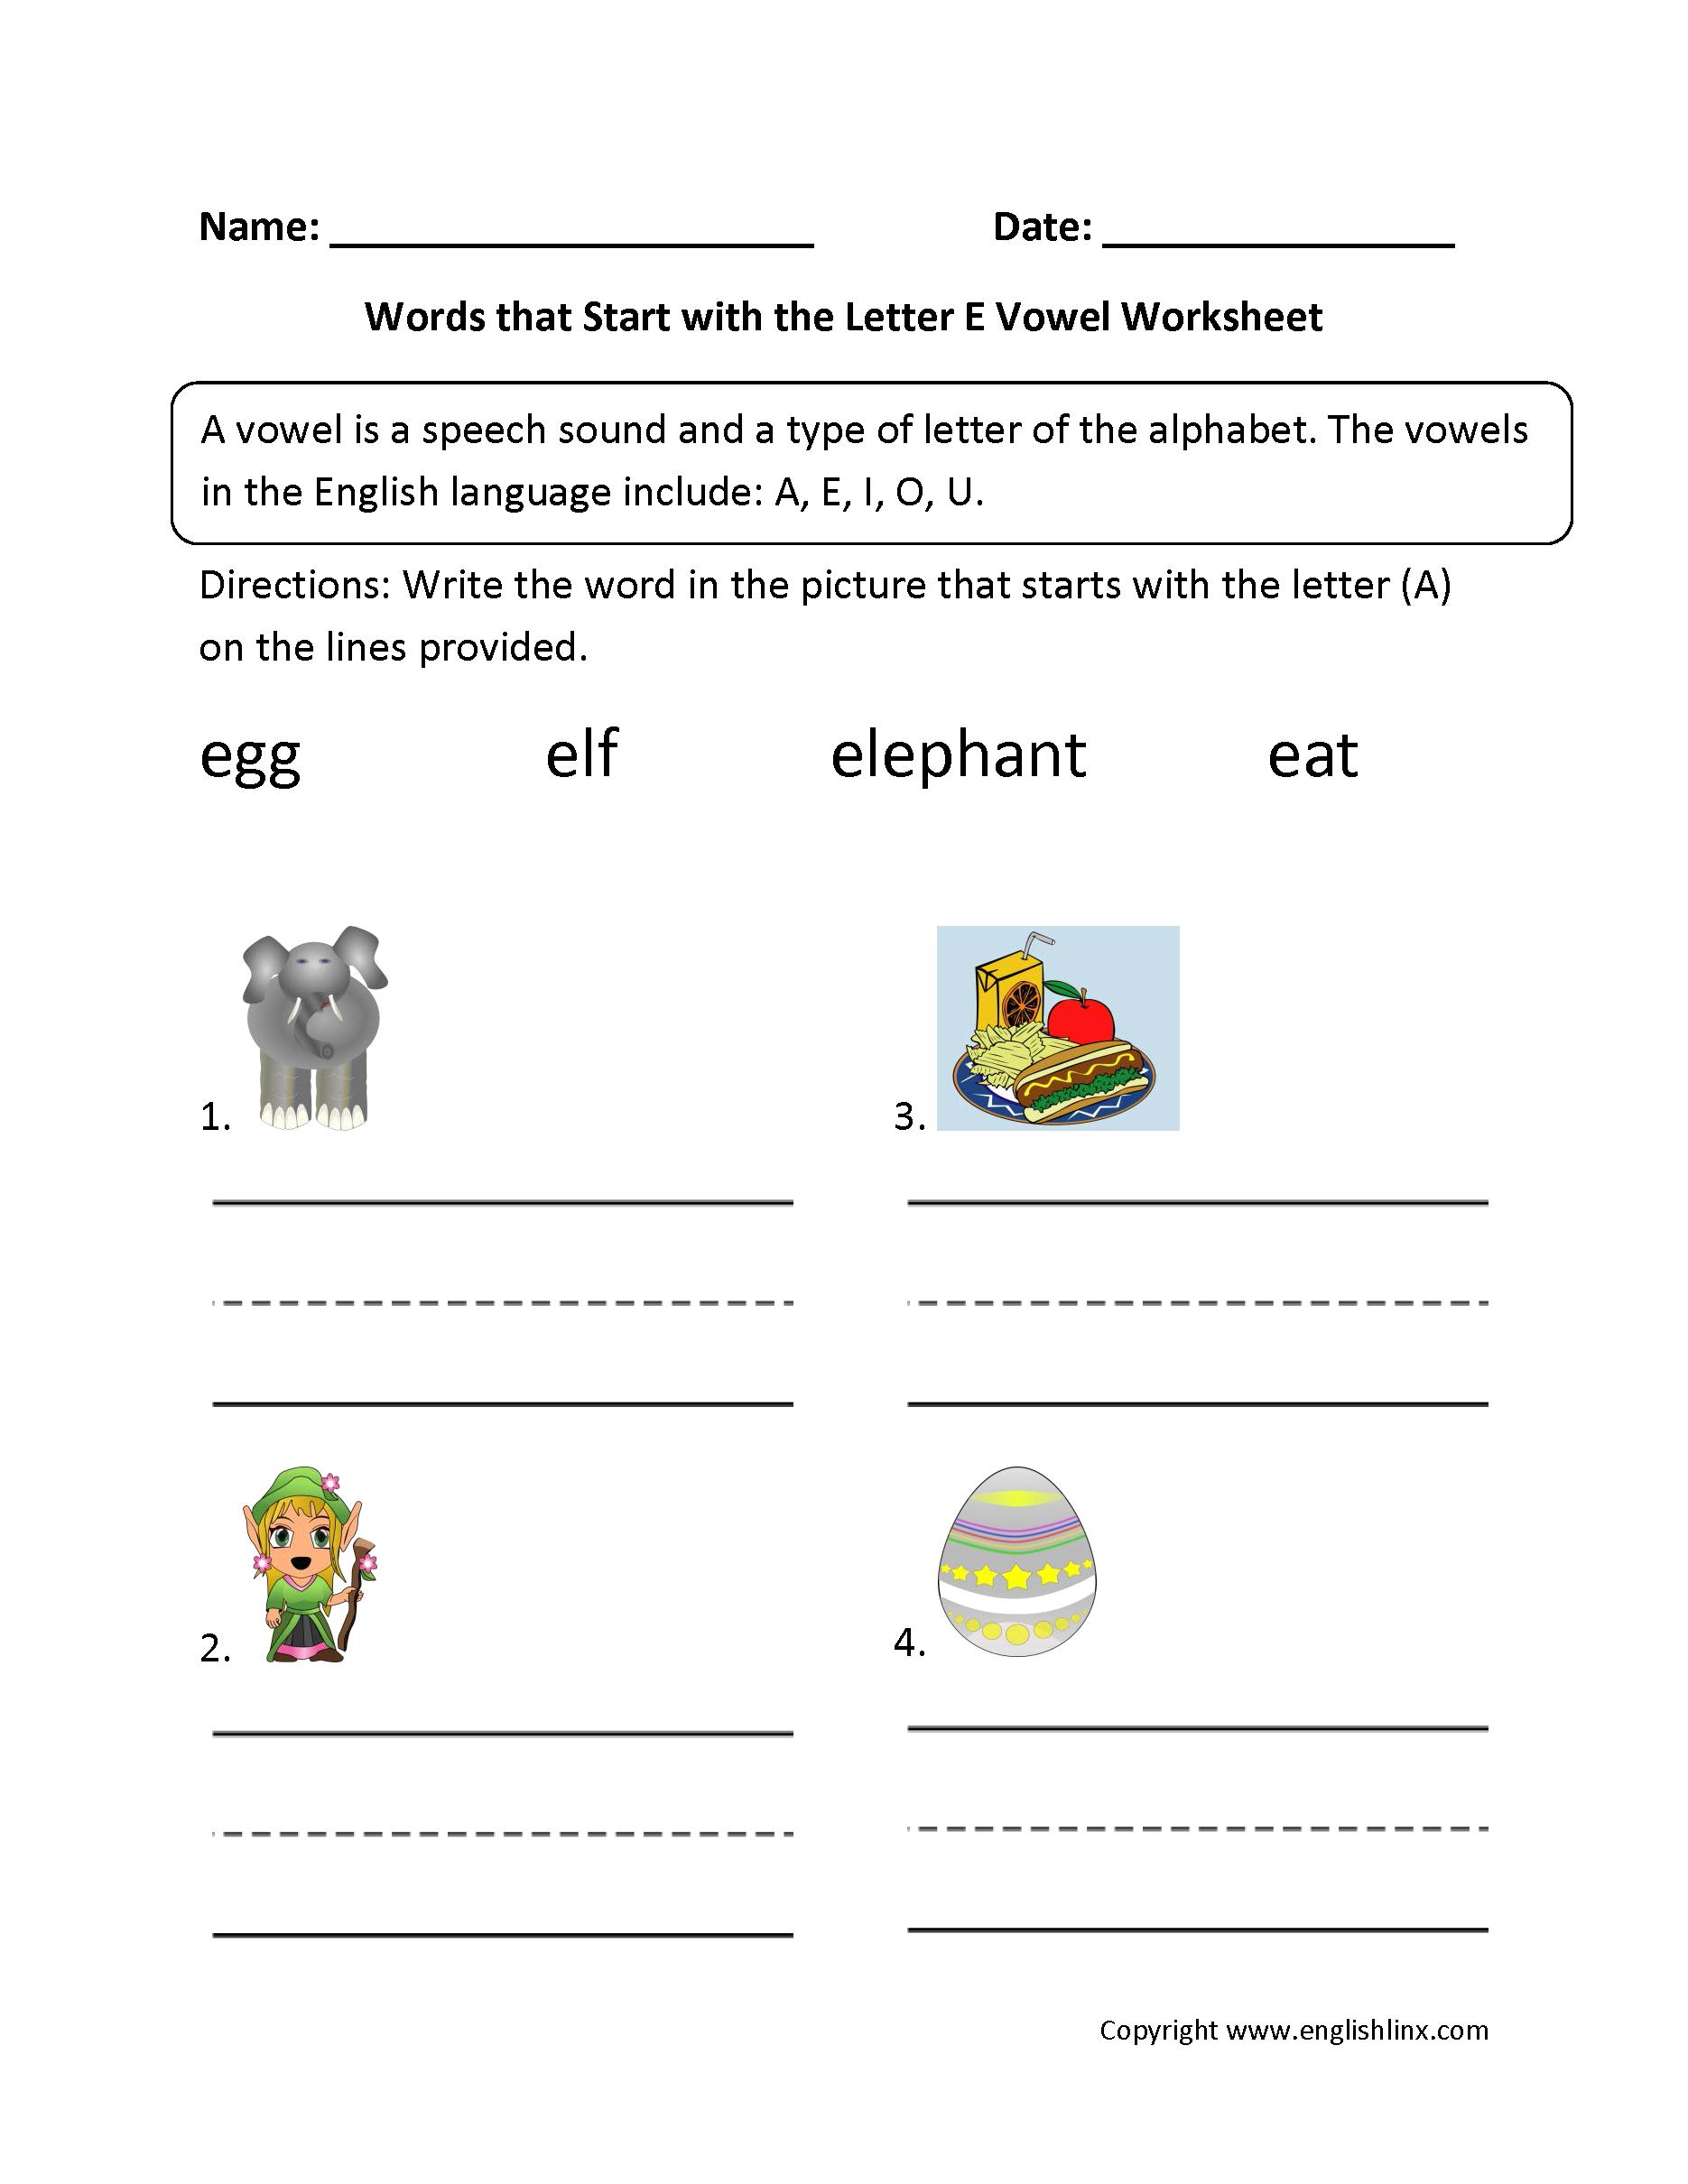 Worksheets Vowel Worksheets words start letter e vowel worksheets englishlinx com board worksheets